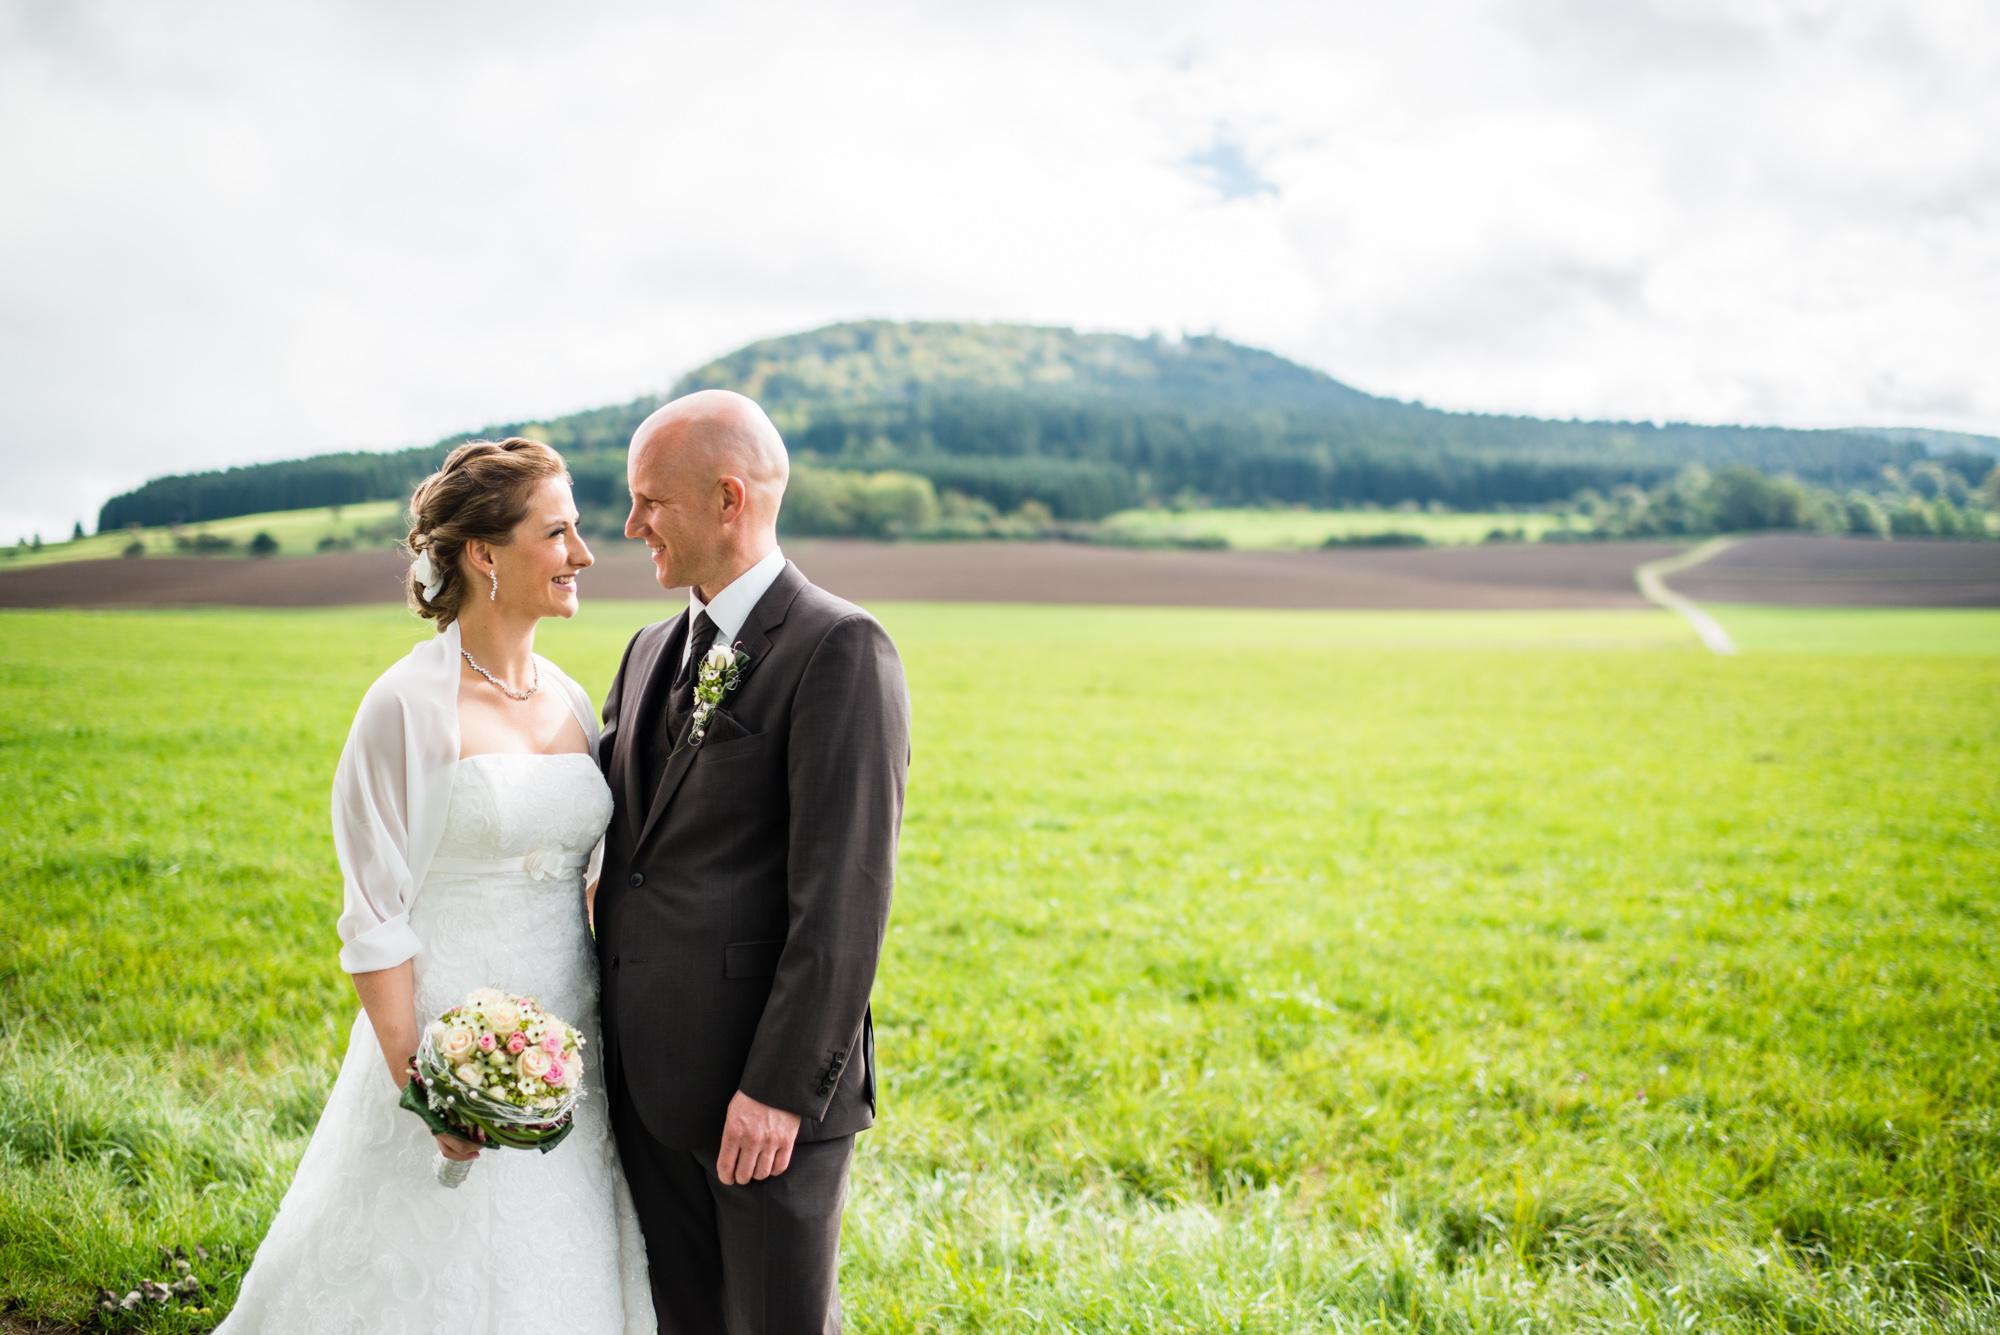 Fotograf Konstanz - Als Hochzeitsfotograf in Bad Dürrheim unterwegs  - 21 -